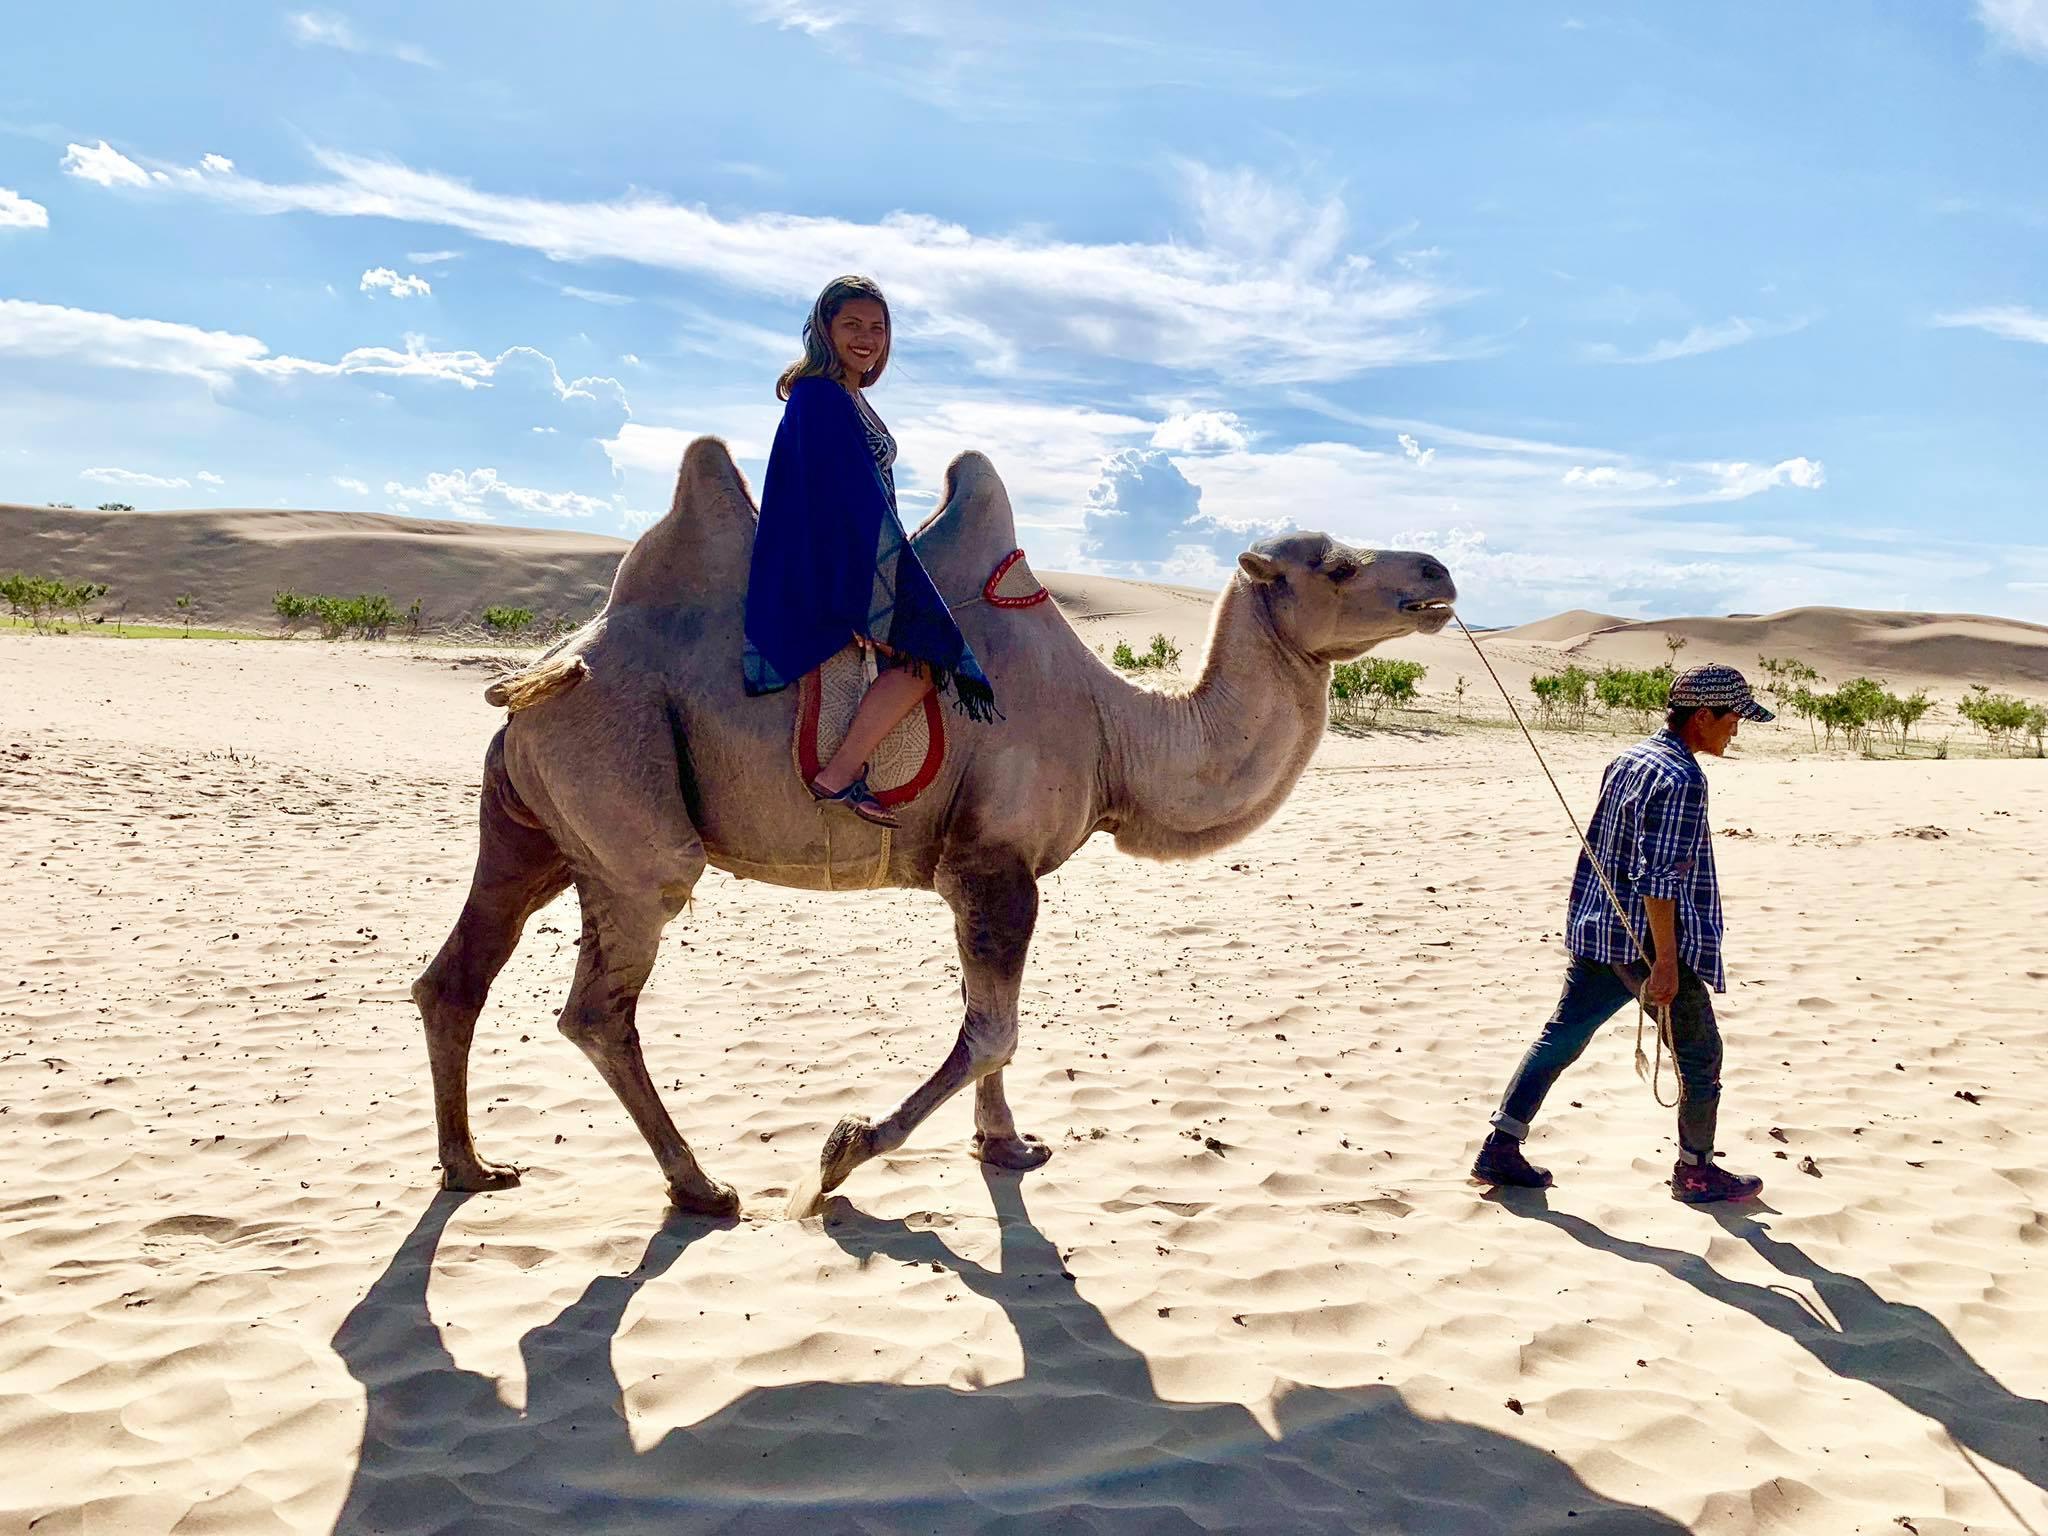 Kach Solo Travels in 2019 Nomadic family in Elsen Tasarkhai3.jpg